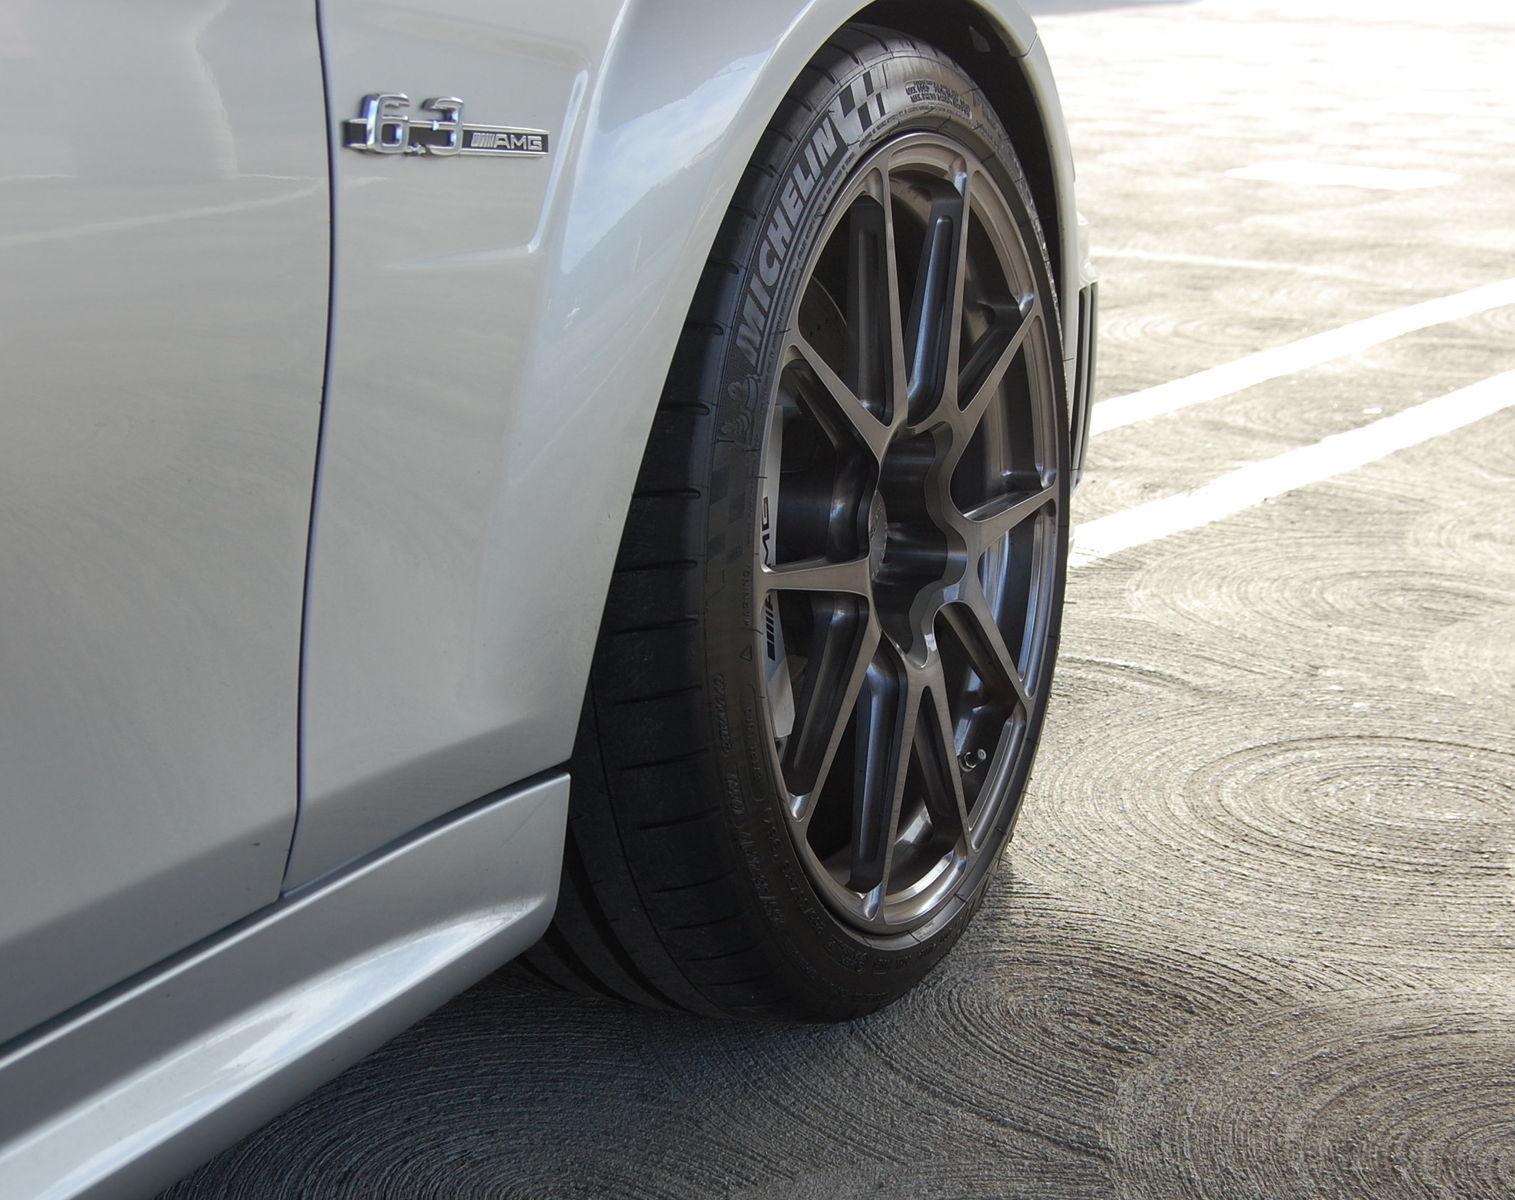 2009 Mercedes-Benz C63 AMG | C63 AMG on Forgeline GA1R Open Lug Cap Edition Wheels